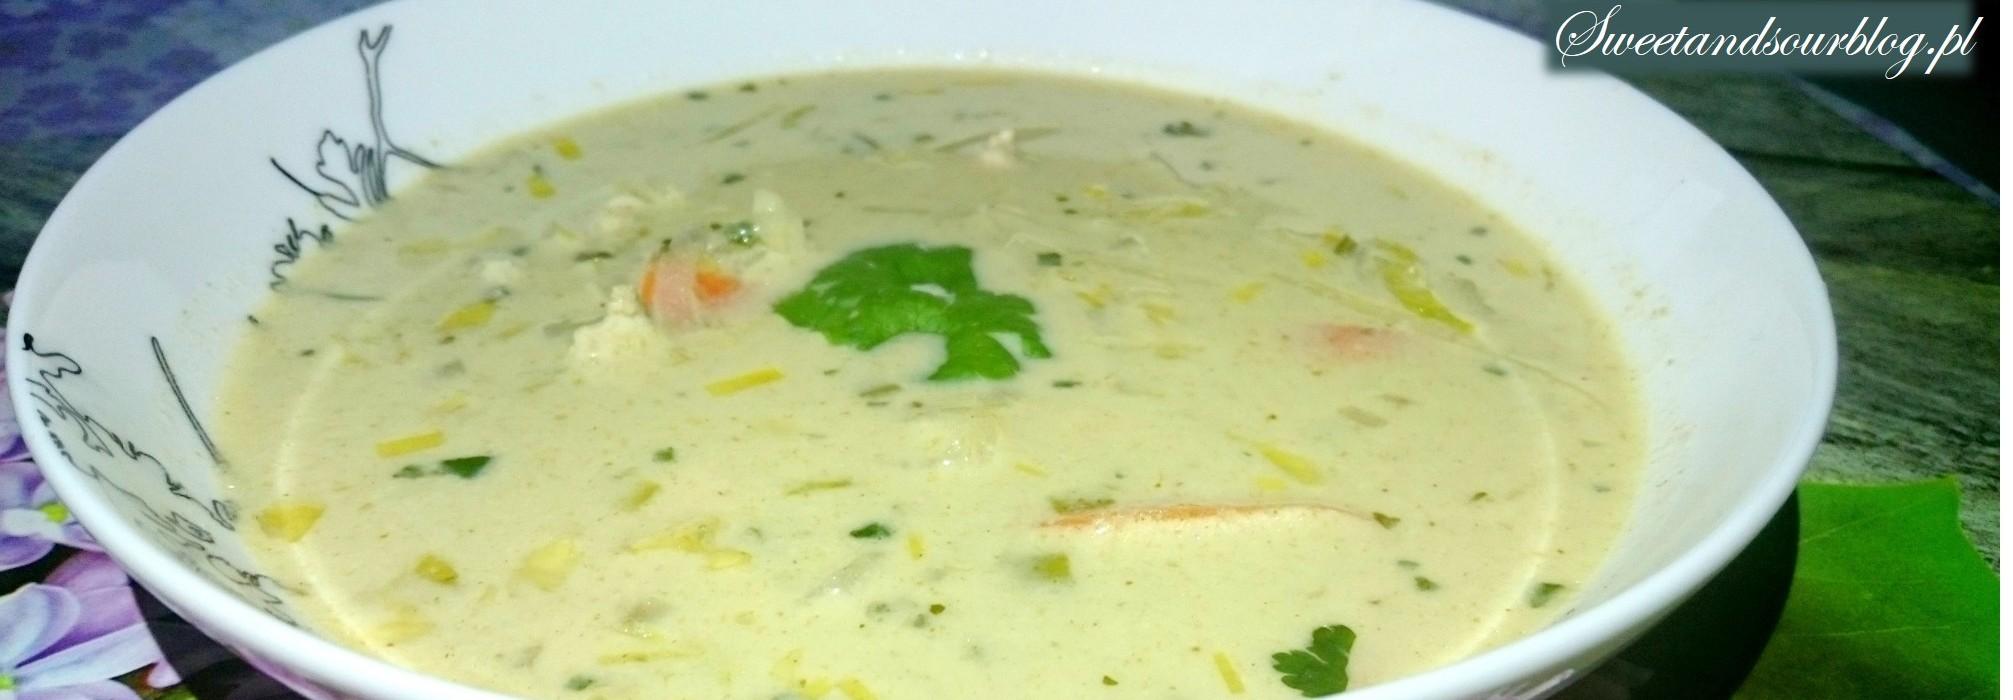 Smaki Azji w zupie zielone curry!